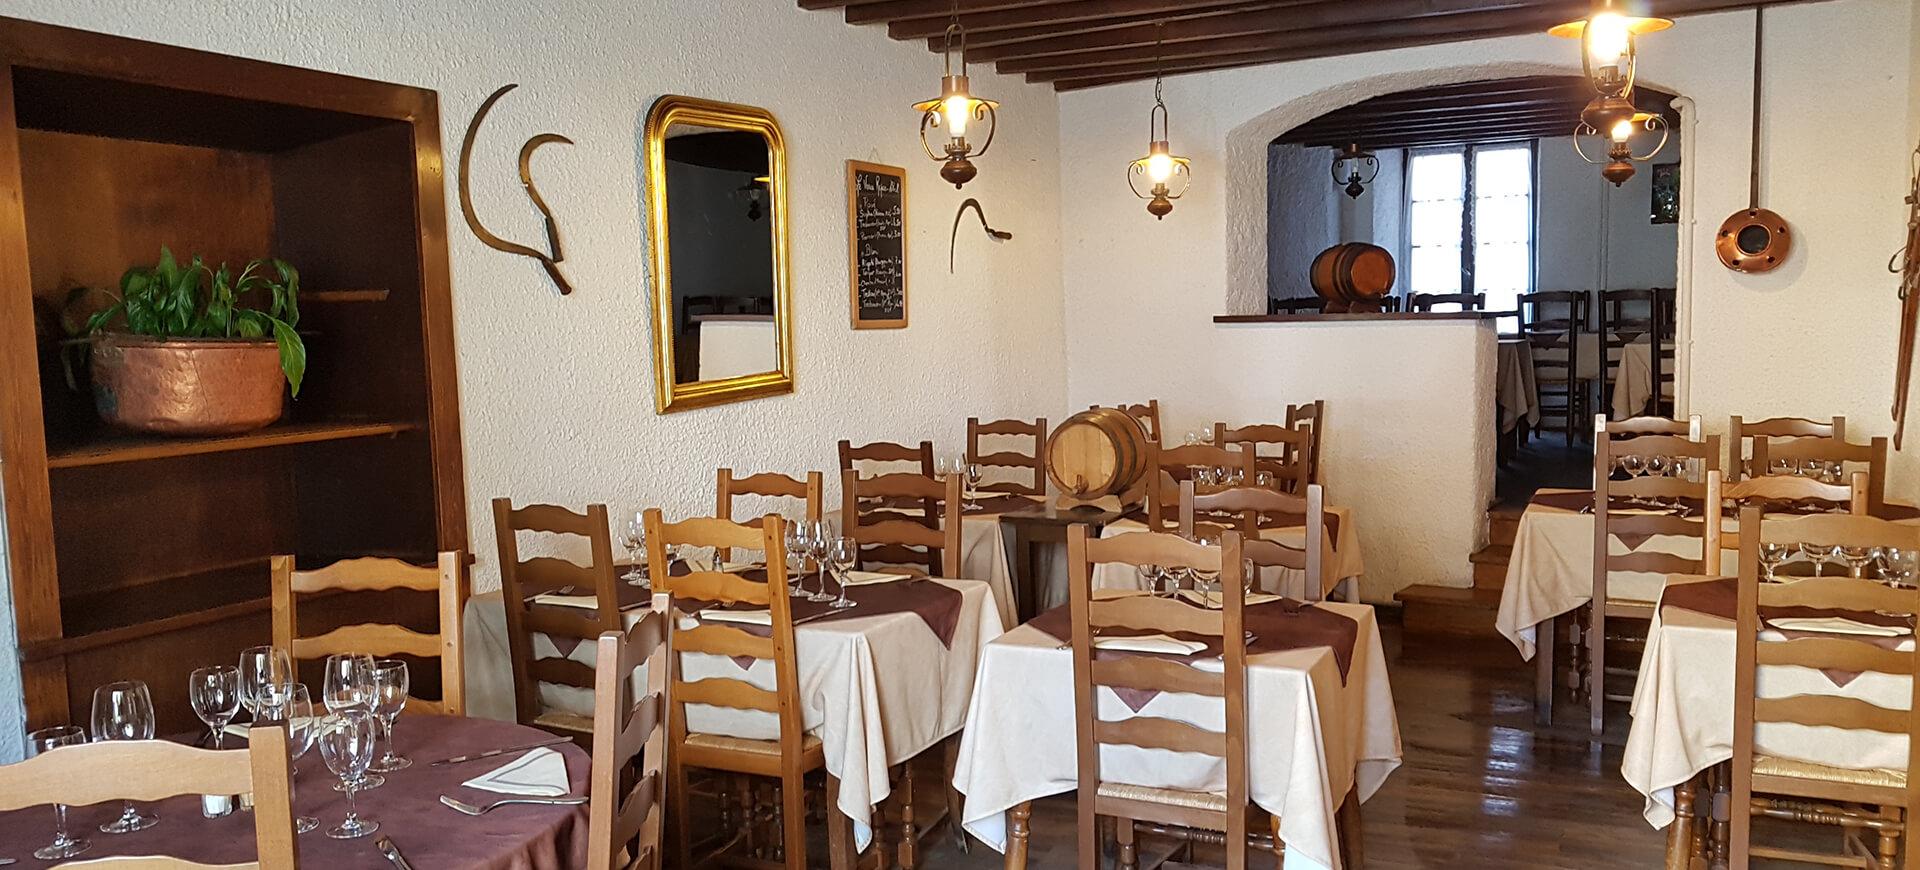 Salle du restaurant traditionnel La Petite Marmite à Gap